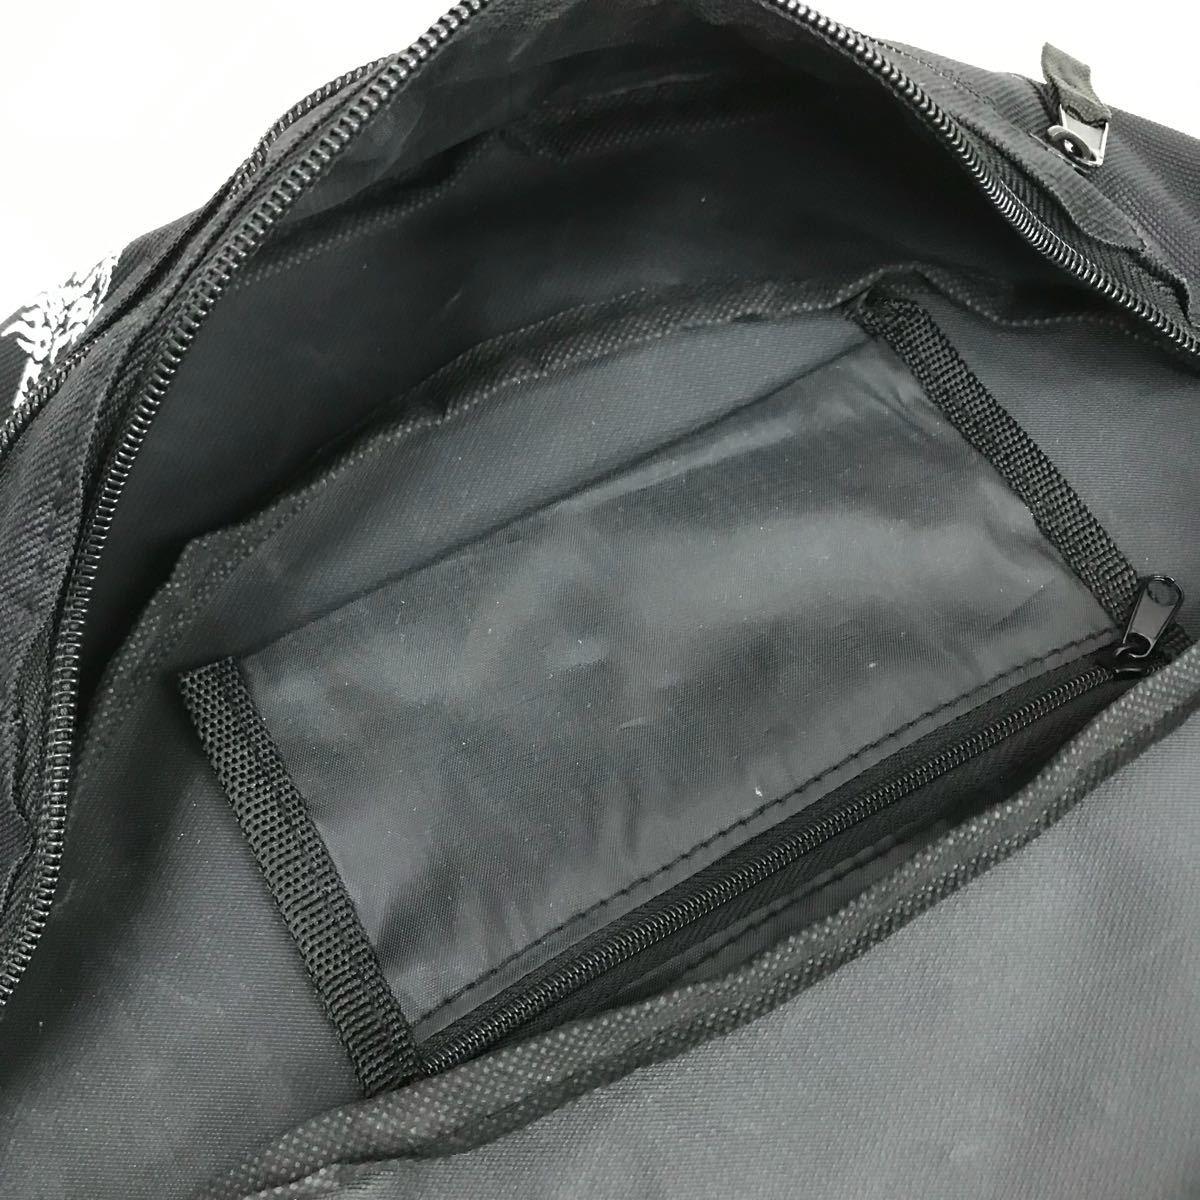 ウエストバッグ ボディバッグ ウエストポーチ  メンズ レディース 斜めがけ ウエポ 新品 グレー